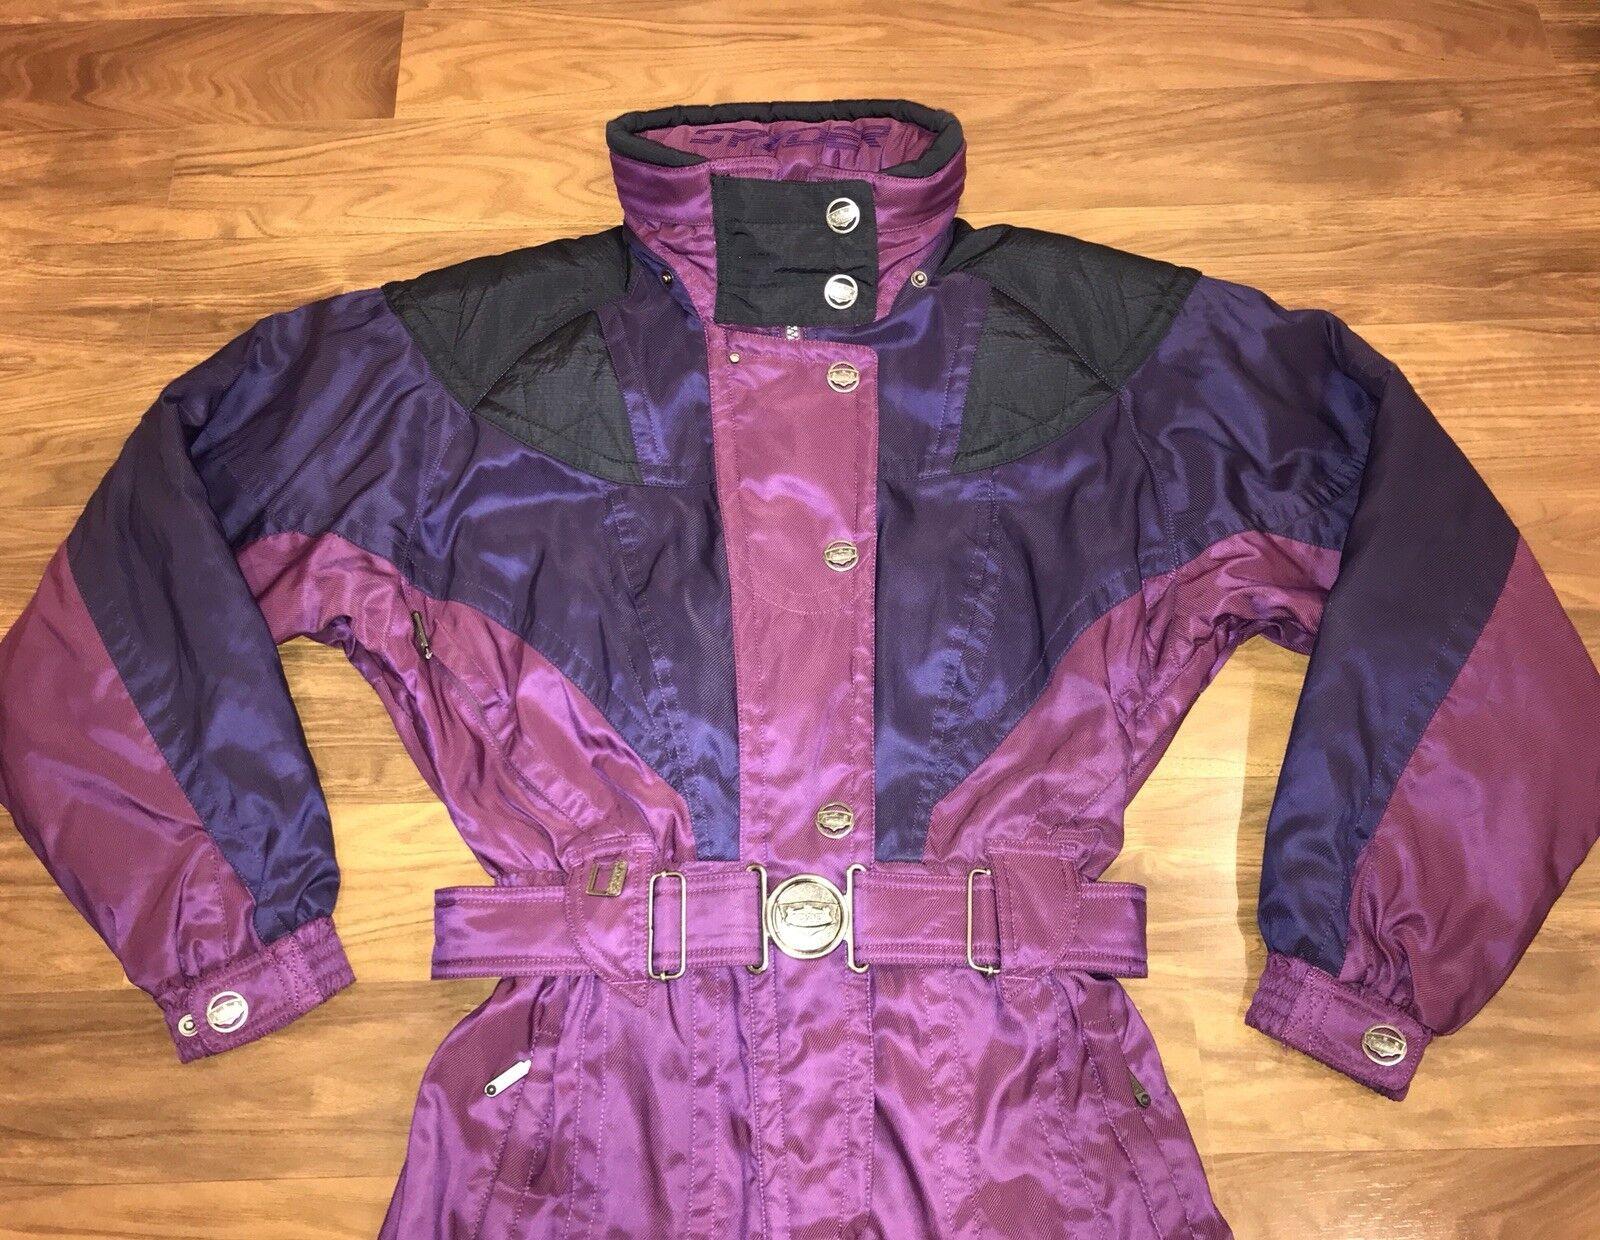 Purple SPYDER Womens 8 One Piece SKI SUIT Snow Bib coat Snowsuit vtg 80s 90s M L